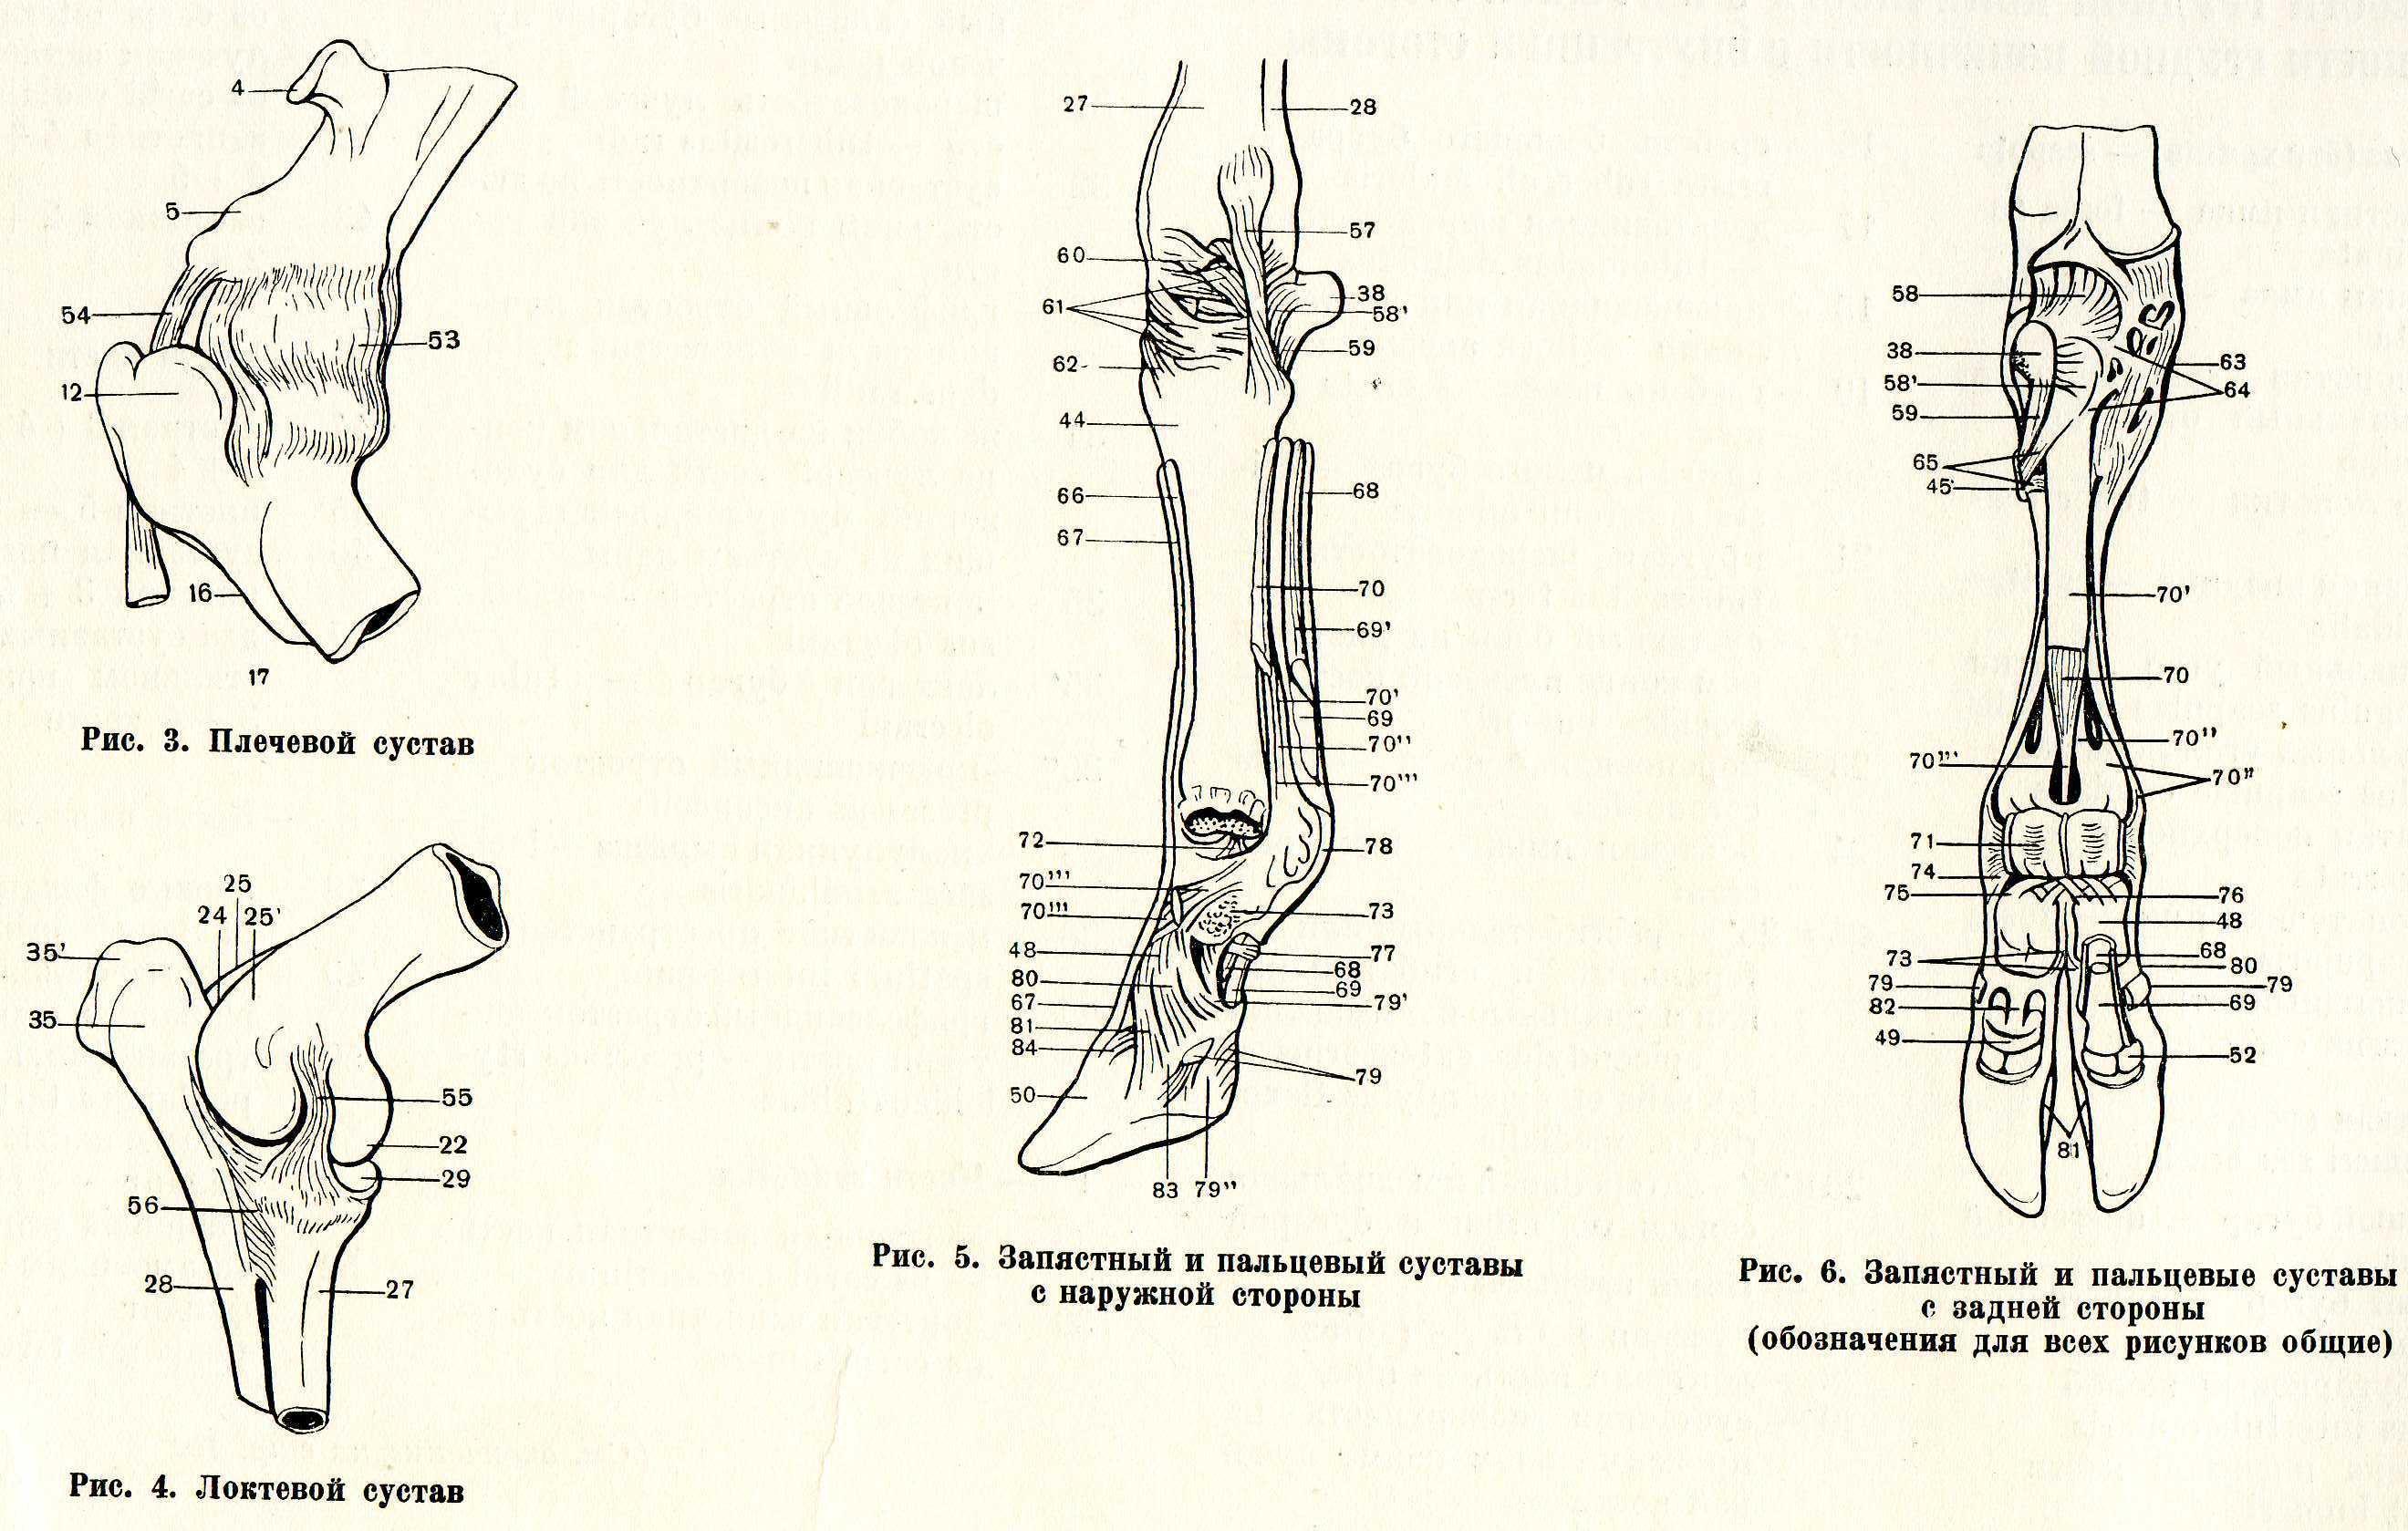 Проксимальный межфаланговый сустав пальца